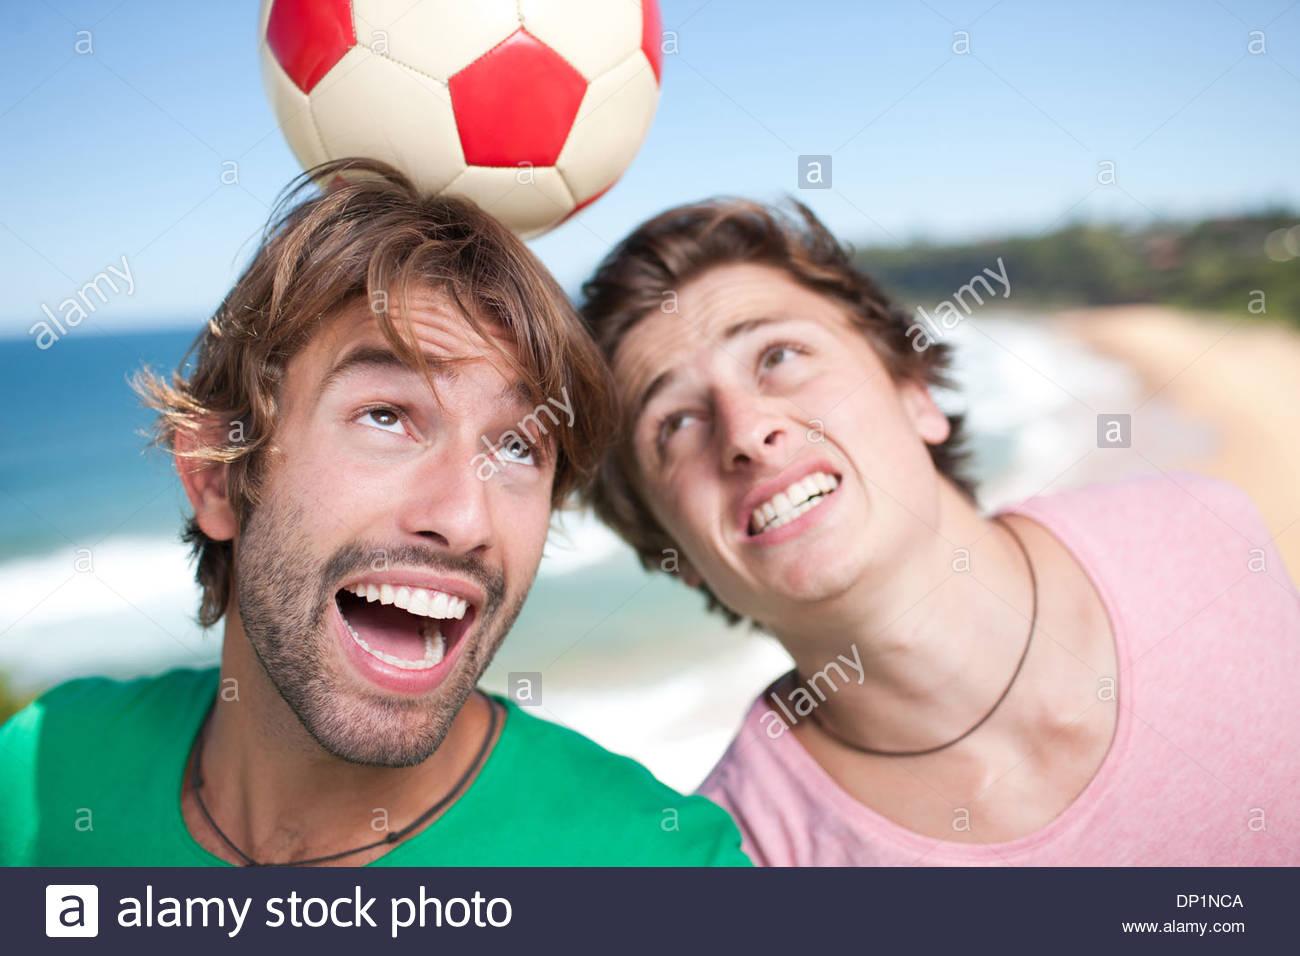 Los hombres jugando al fútbol playa Imagen De Stock